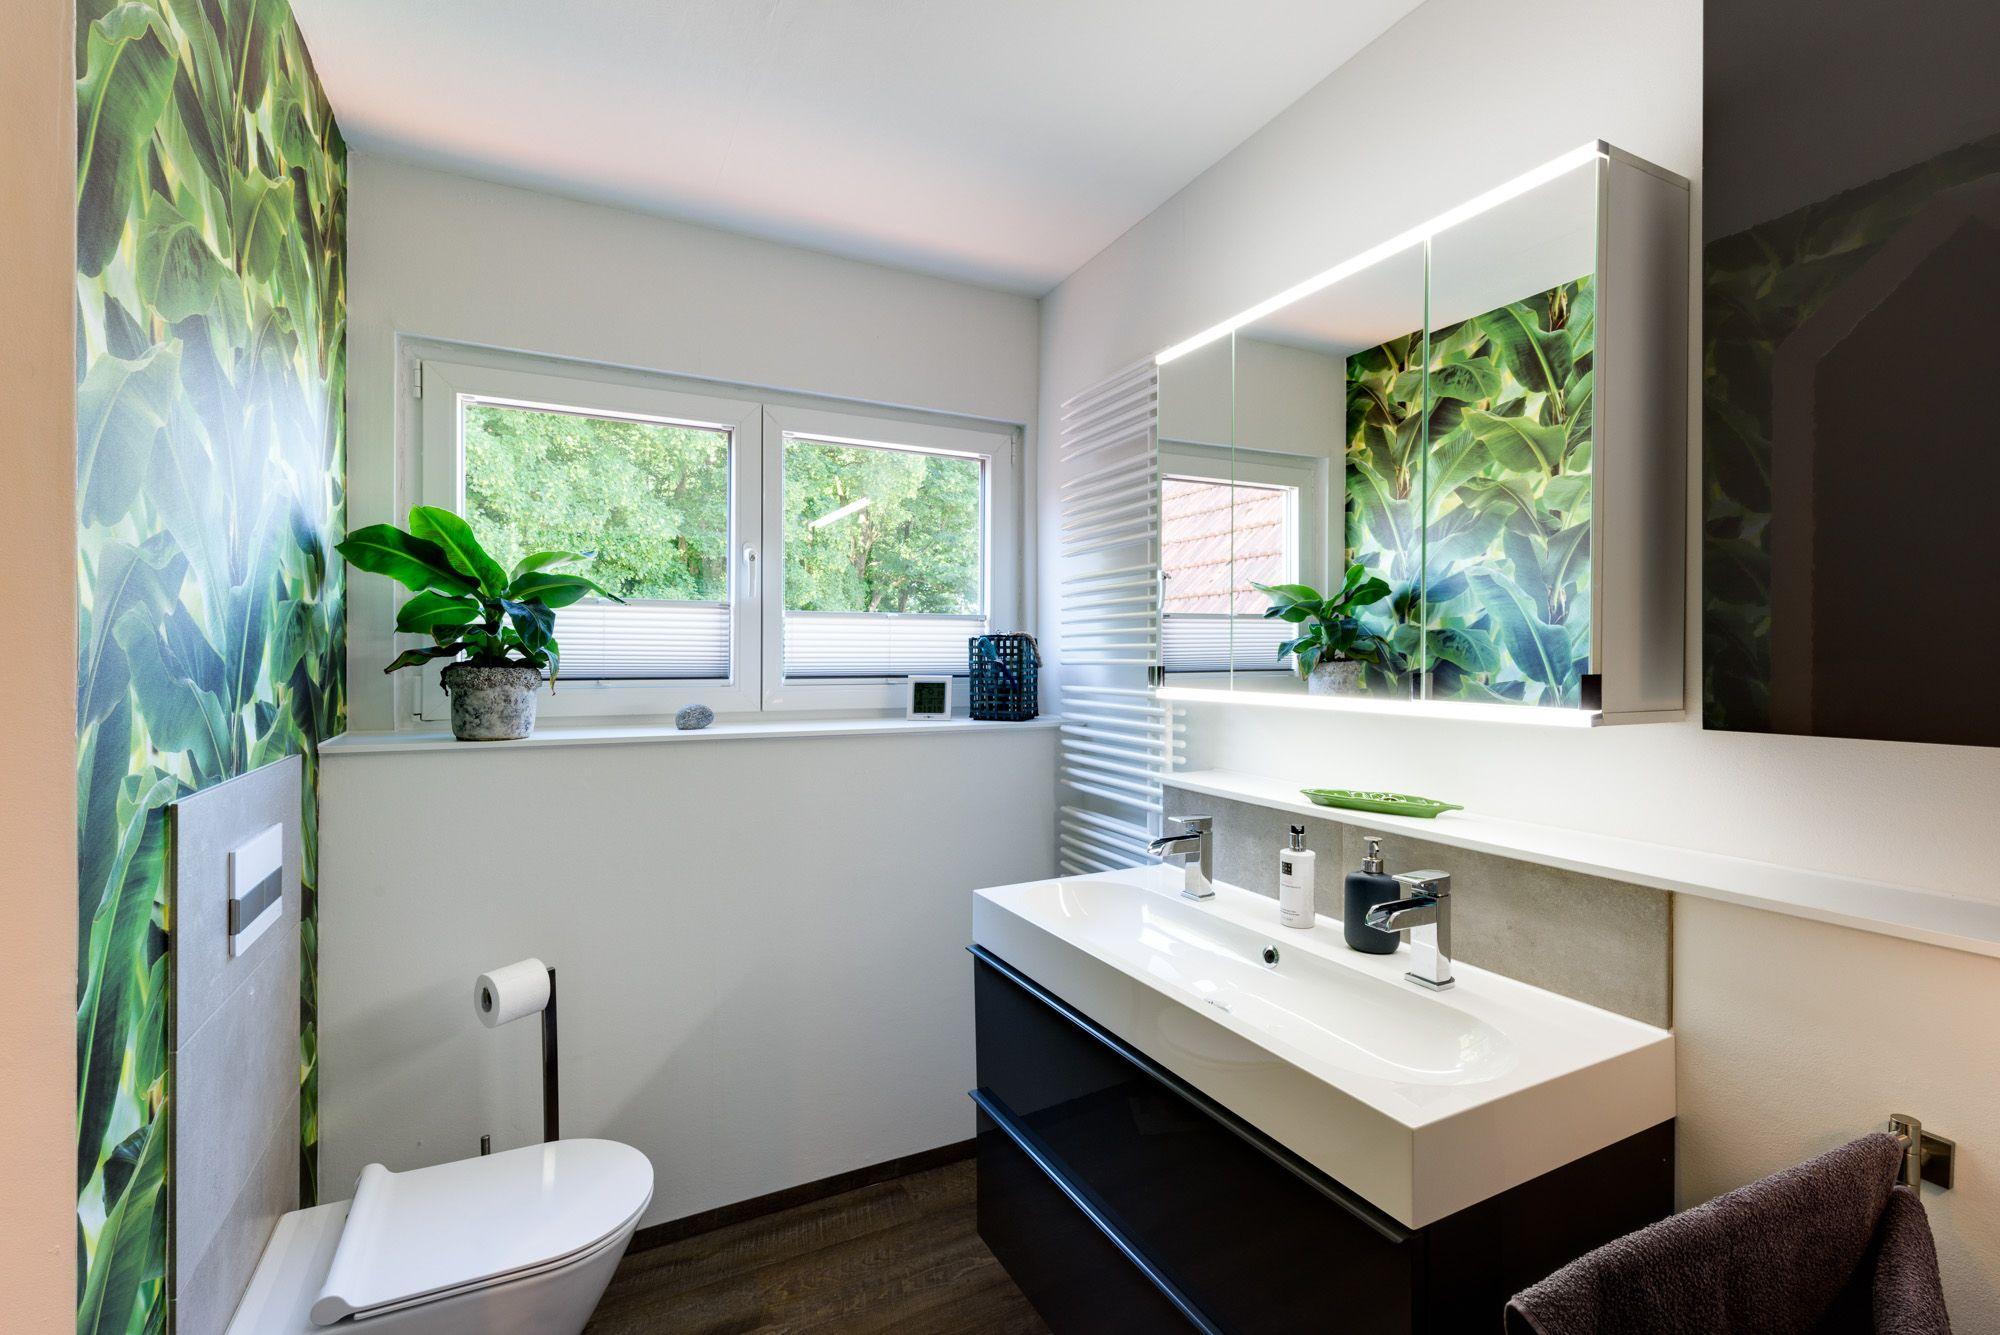 Badezimmer design stand-up-dusche moderne kontraste und elegante formgebung die moderne und